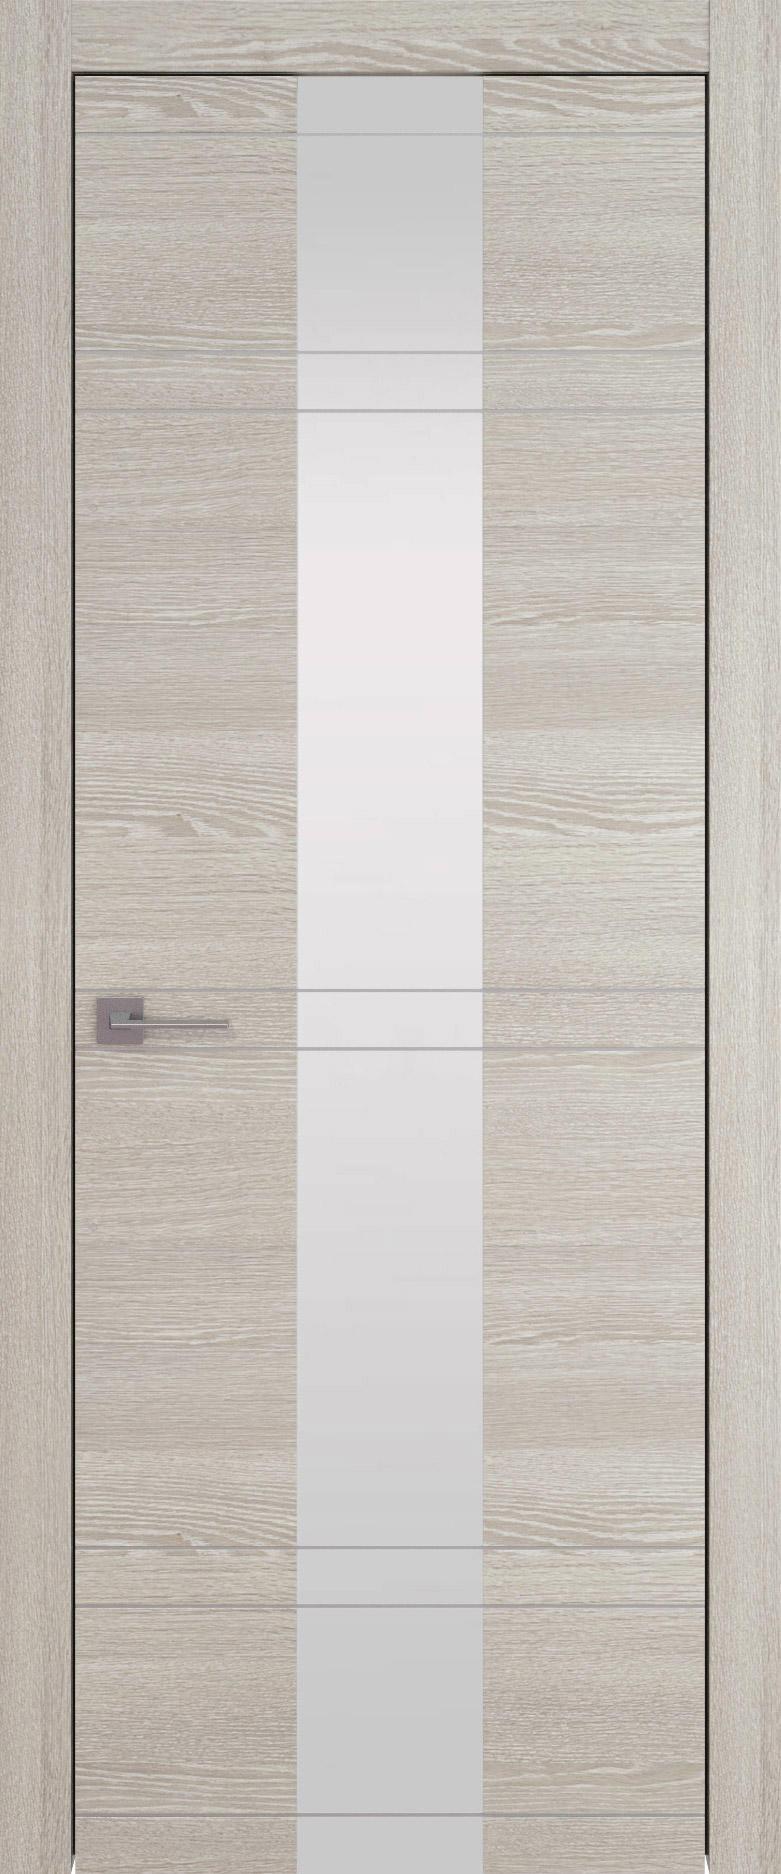 Tivoli Ж-4 цвет - Серый дуб Со стеклом (ДО)